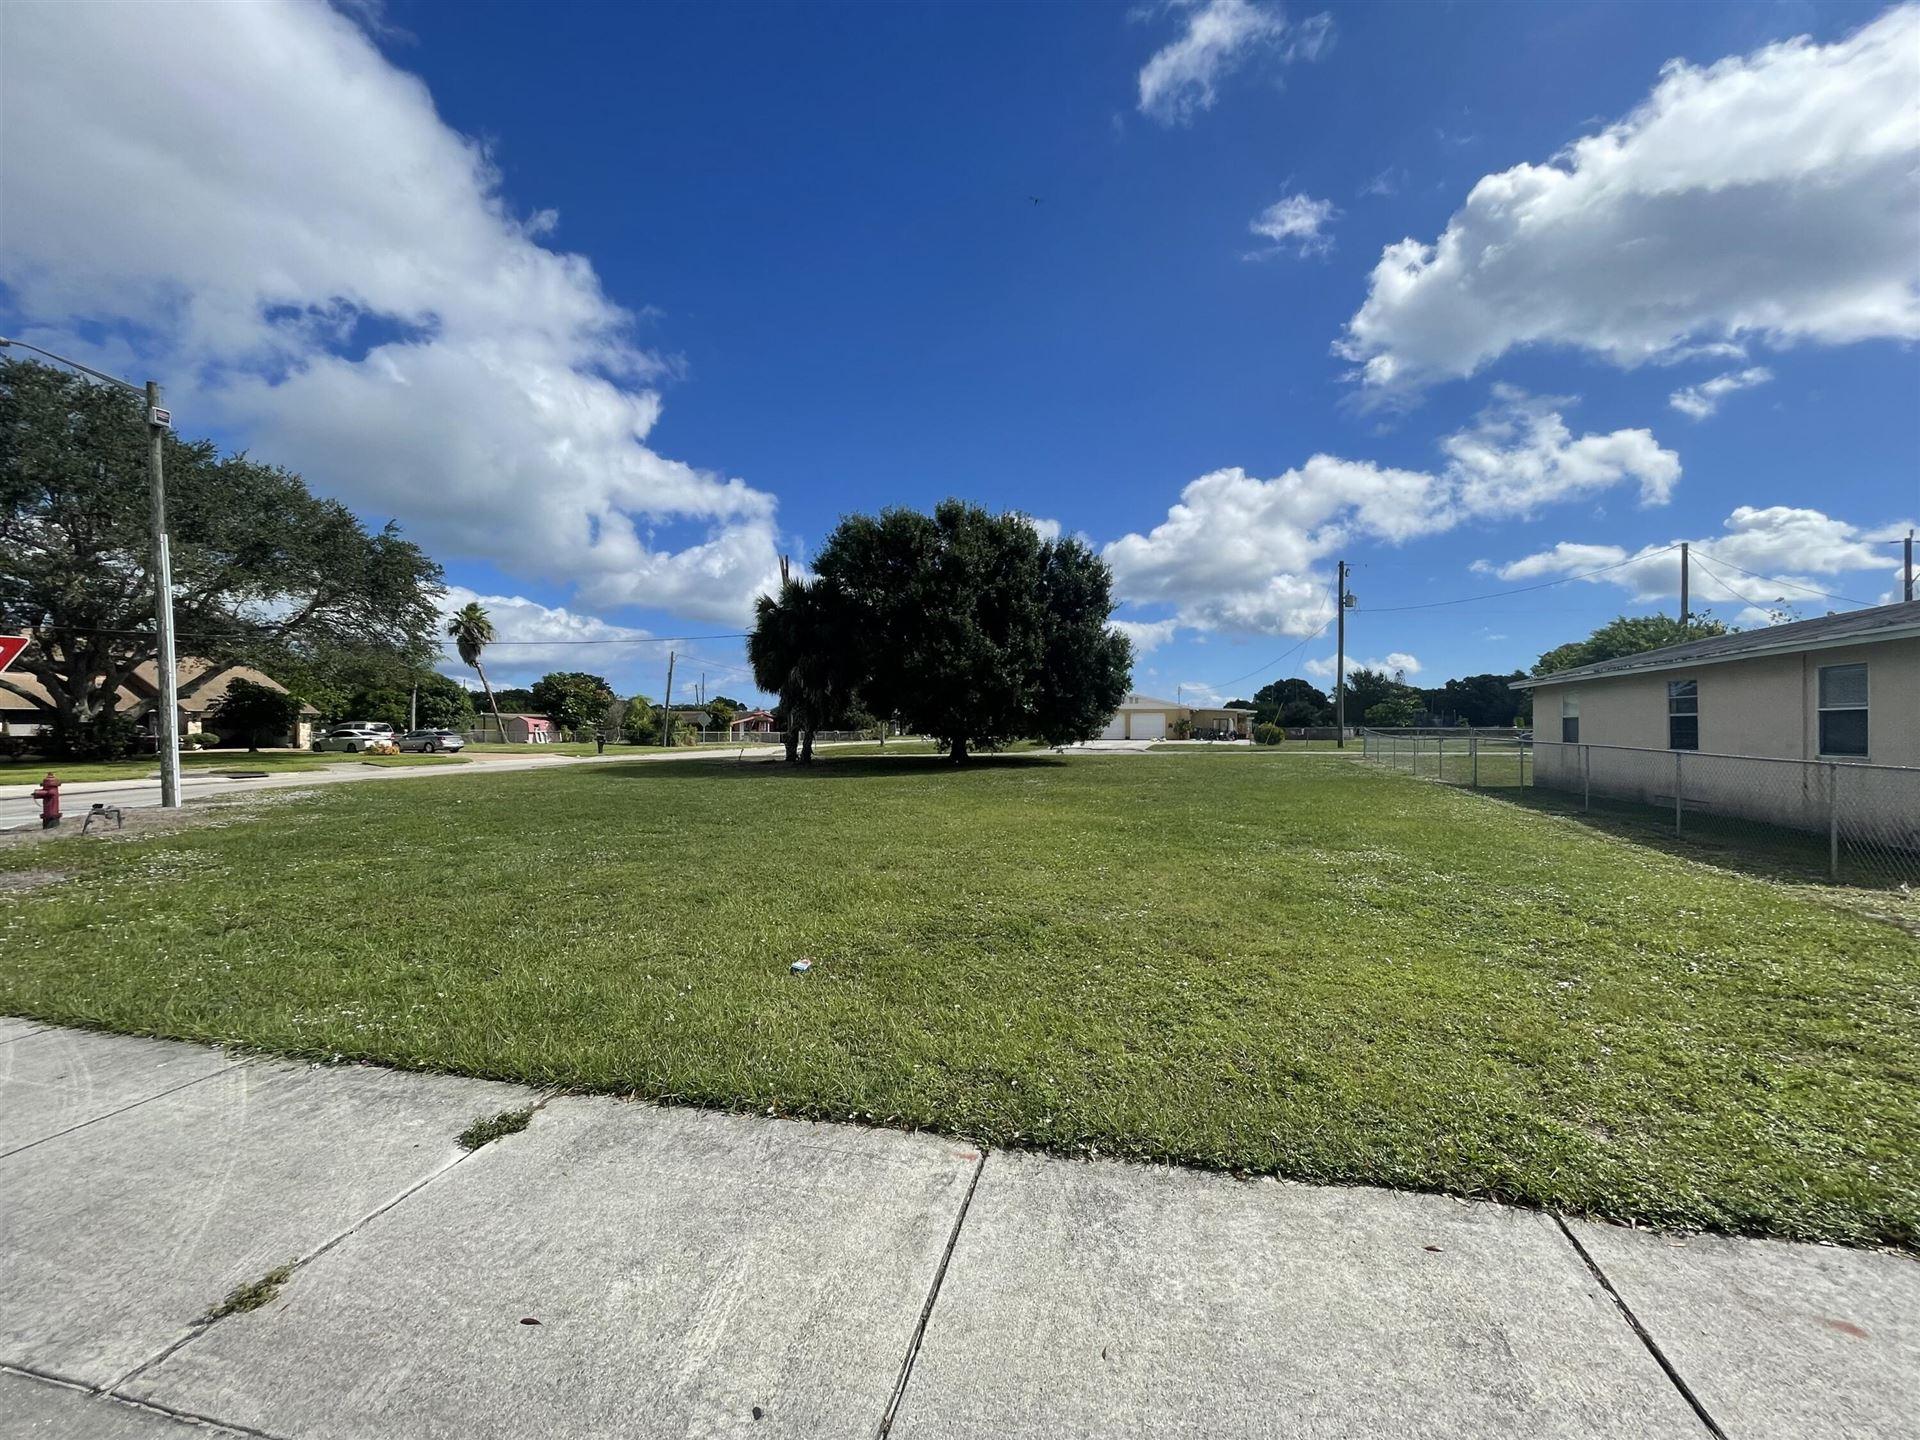 Photo of Tbd Ave Q, Fort Pierce, FL 34950 (MLS # RX-10754837)